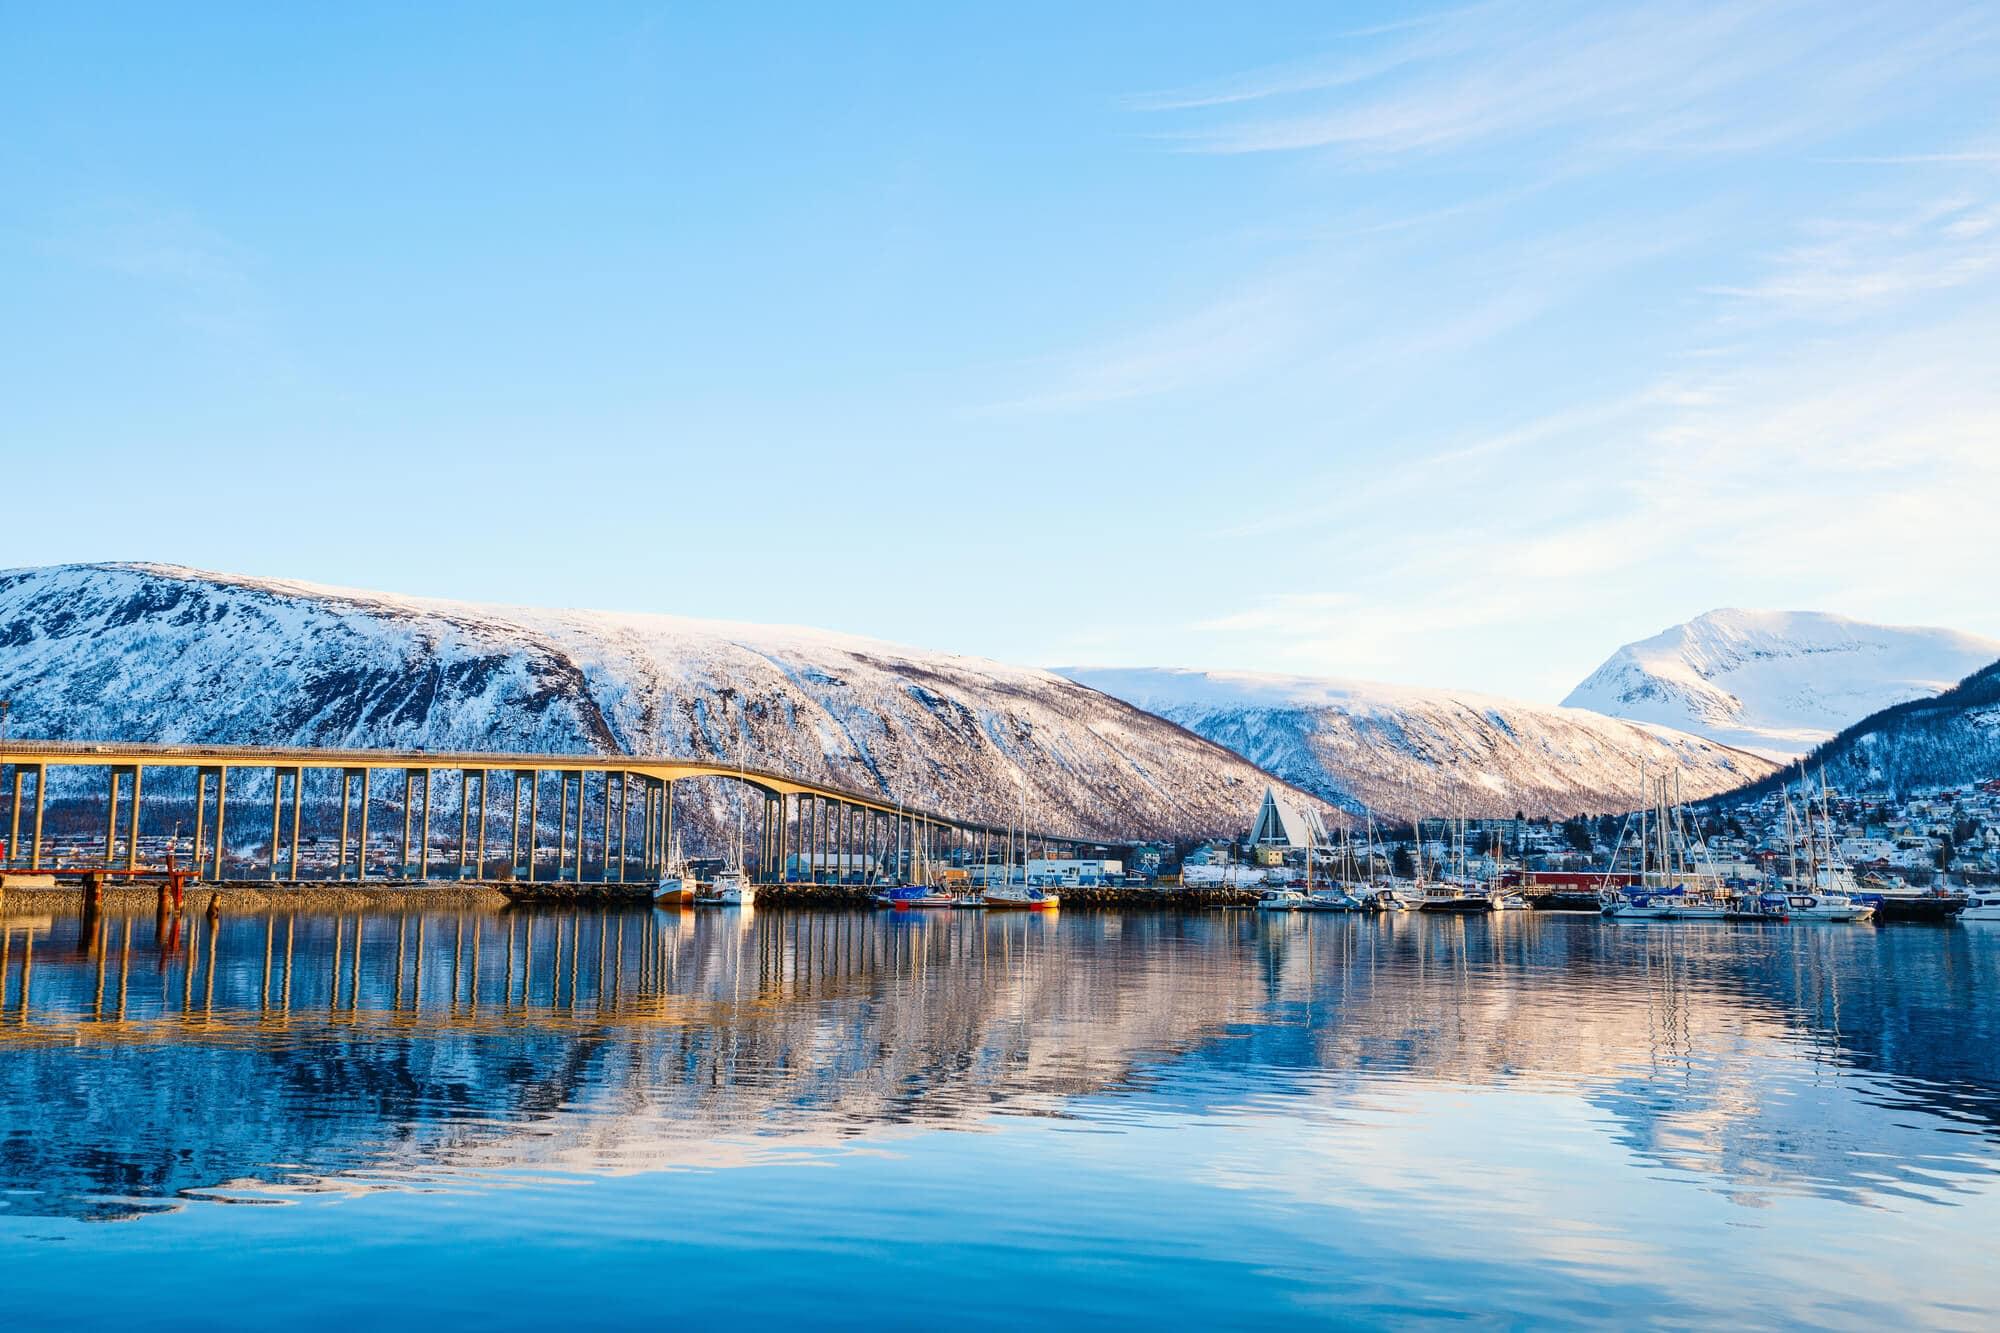 Top places to see and things to do in Norway - Winter in Tromsø #bucketlist #travelinspo #norway #tromsø #northernnorway